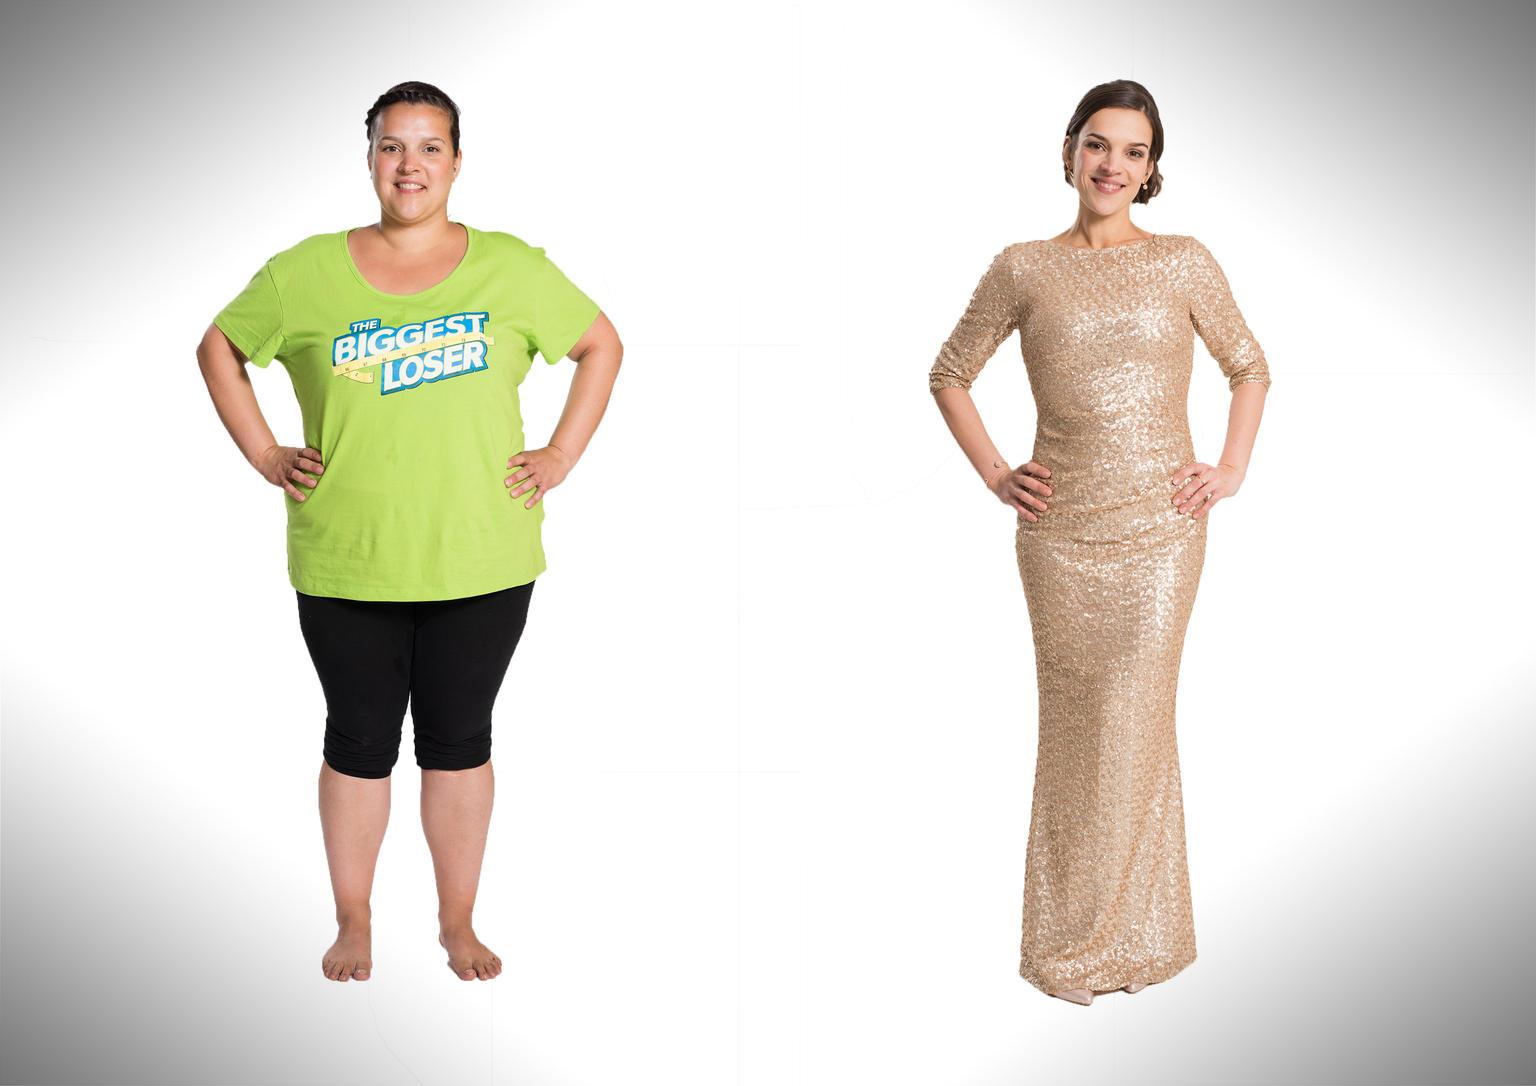 """Bei """"The Biggest Loser 2017"""" stellt Alexandra Gregus einen absoluten Rekord auf: Sie nimmt von 103,4 kg über die Hälfte ab und landet schließlich bei 50,2 kg."""